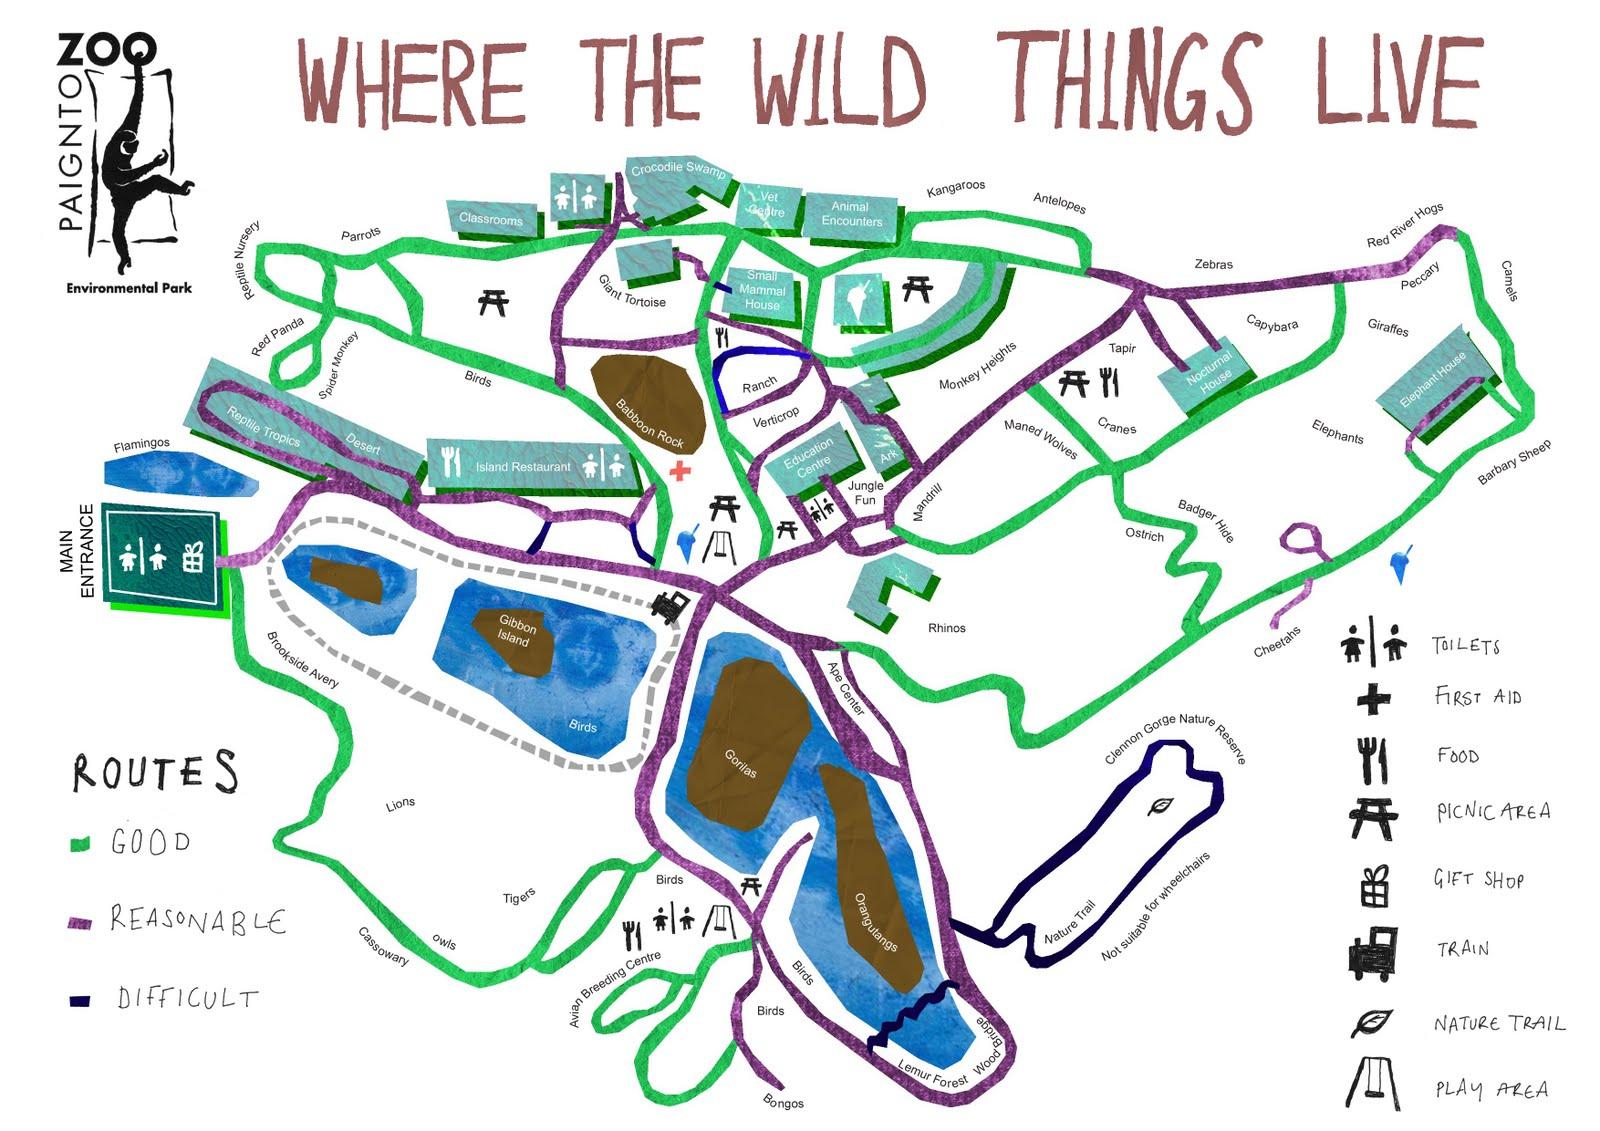 Paignton Zoo Map Tori Elliott Illustration: Paignton Zoo Map Paignton Zoo Map